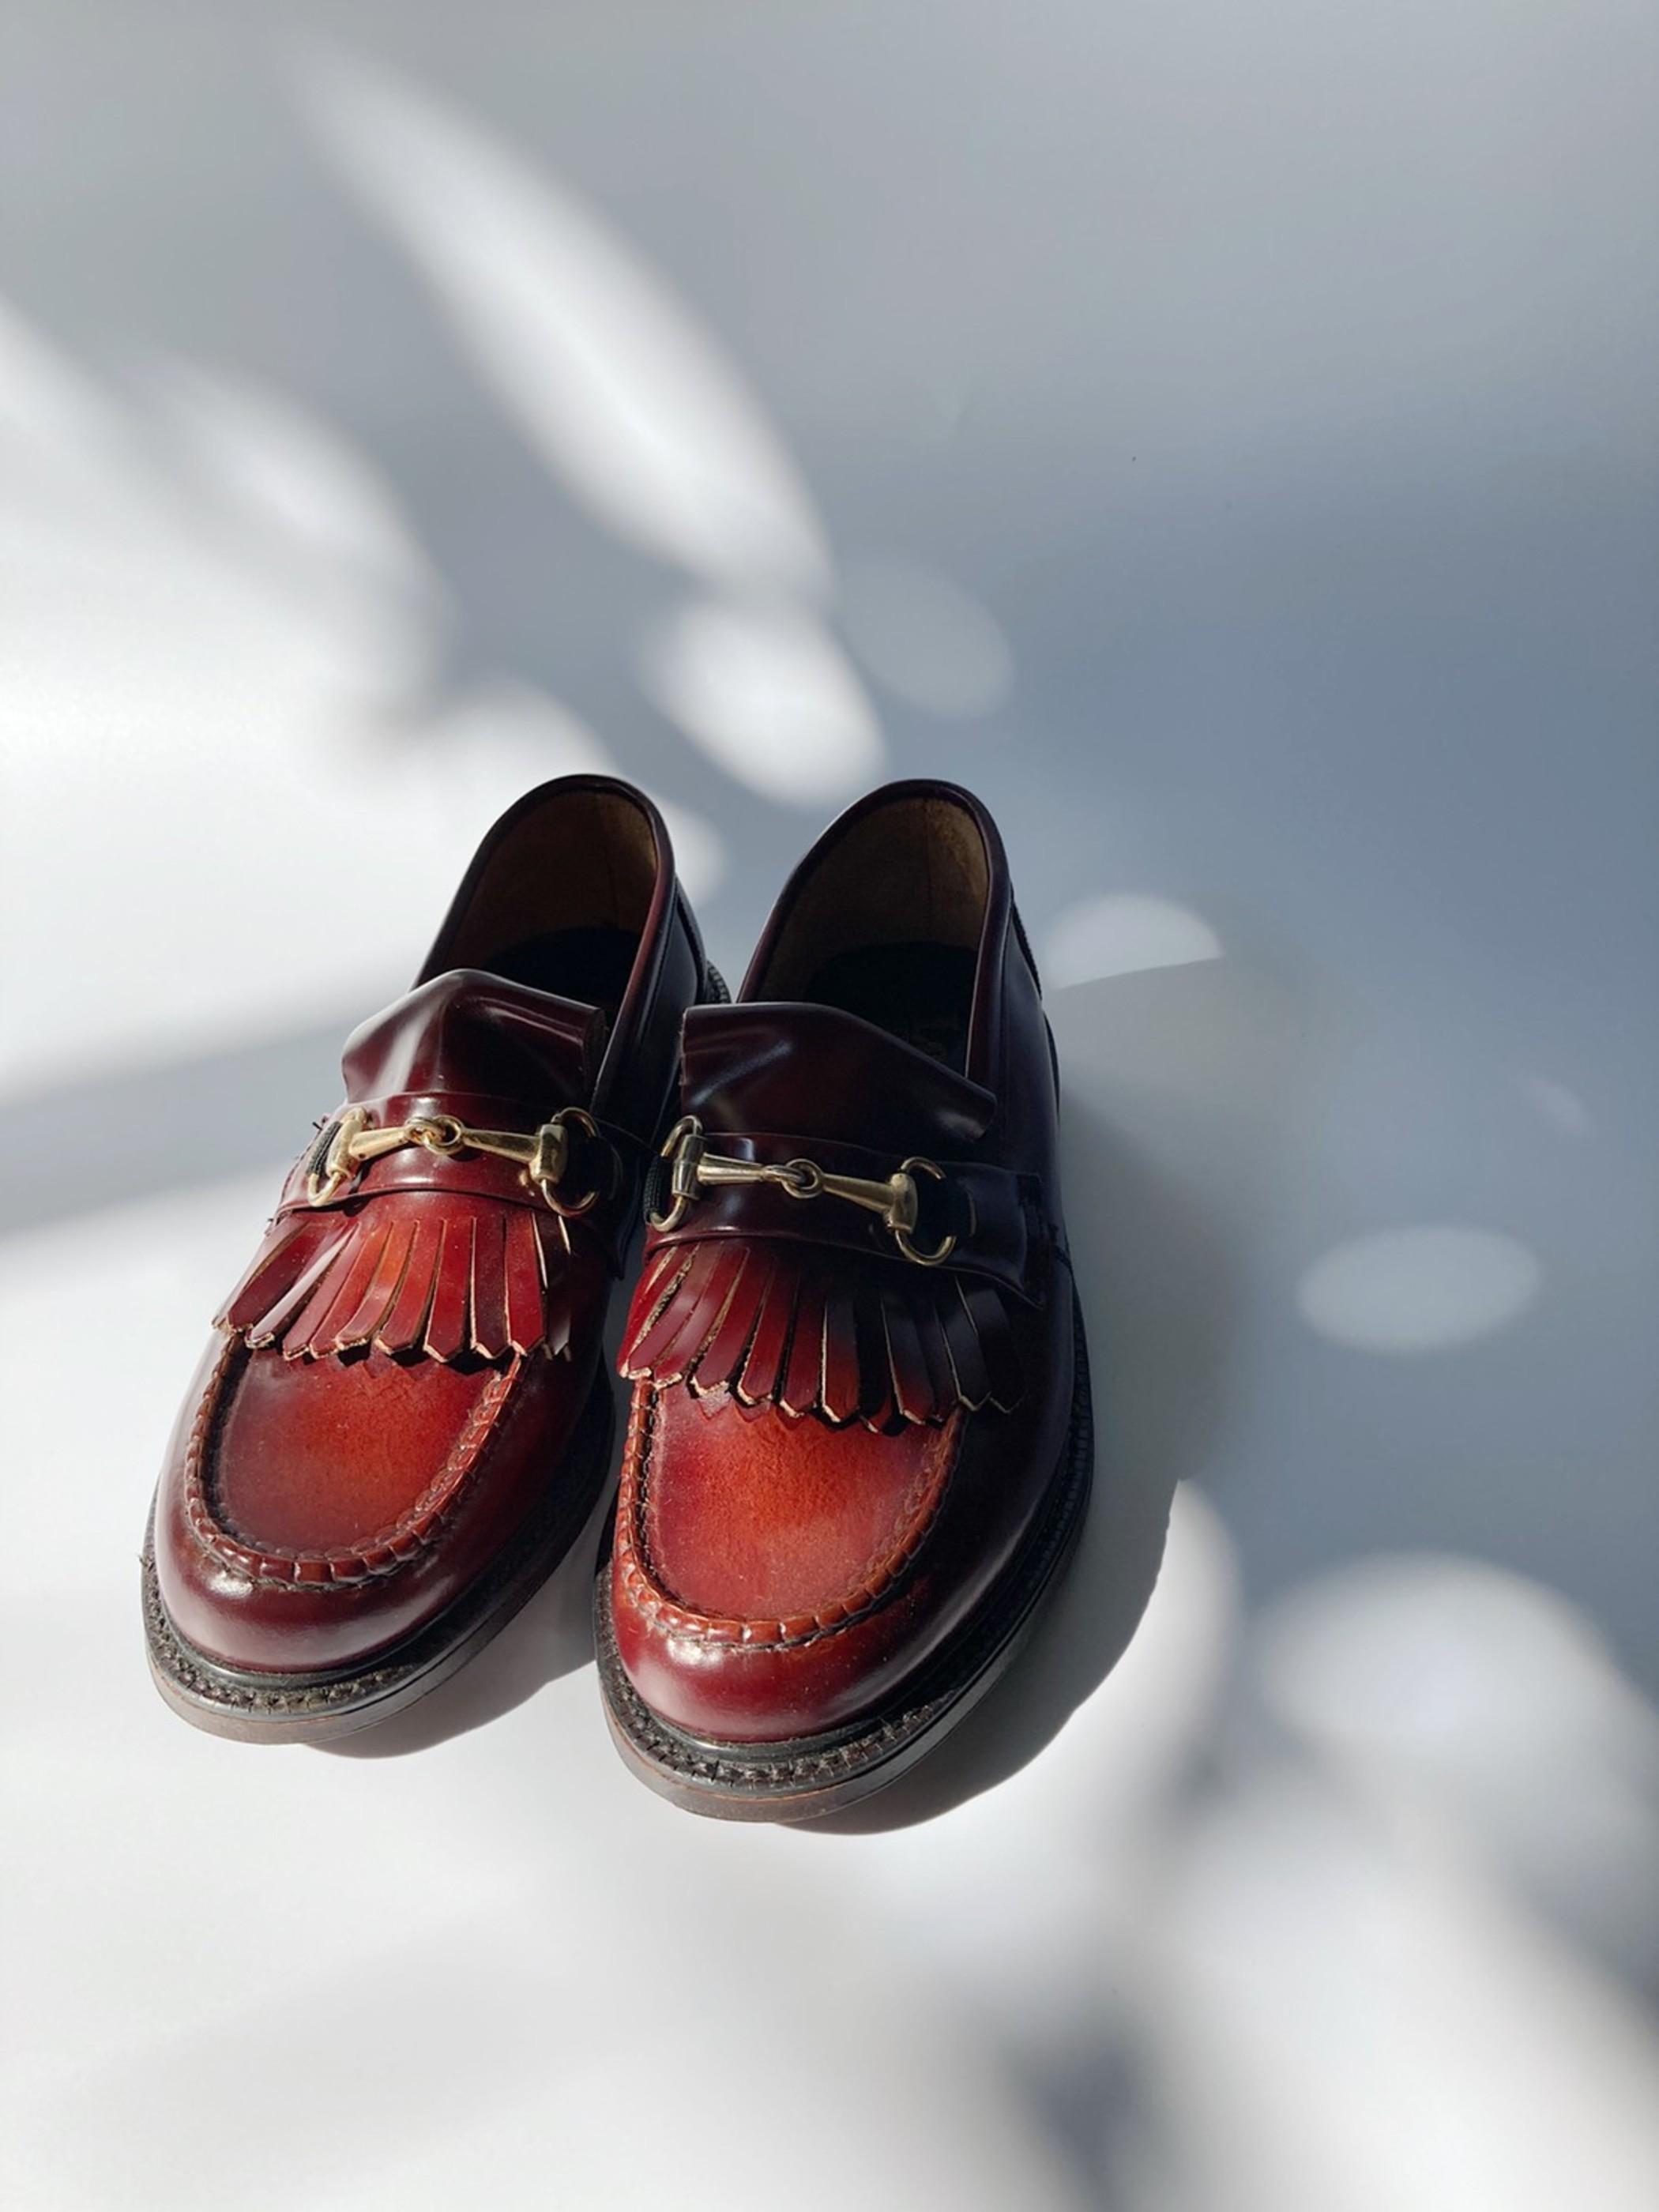 Loake bit kelt loafers